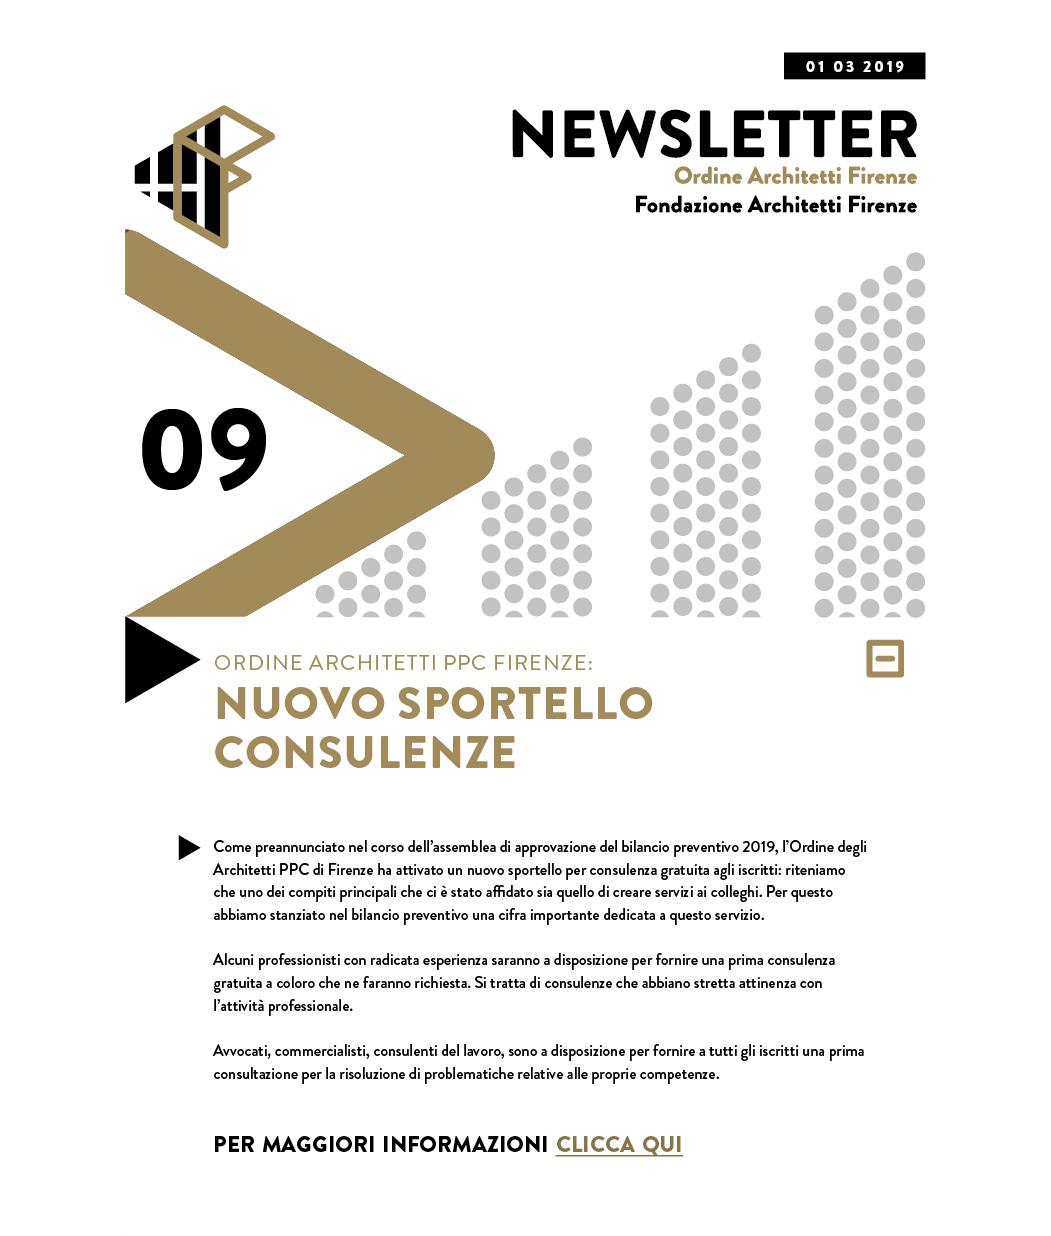 Ordine Architetti PPC Firenze: NUOVO SPORTELLO CONSULENZE